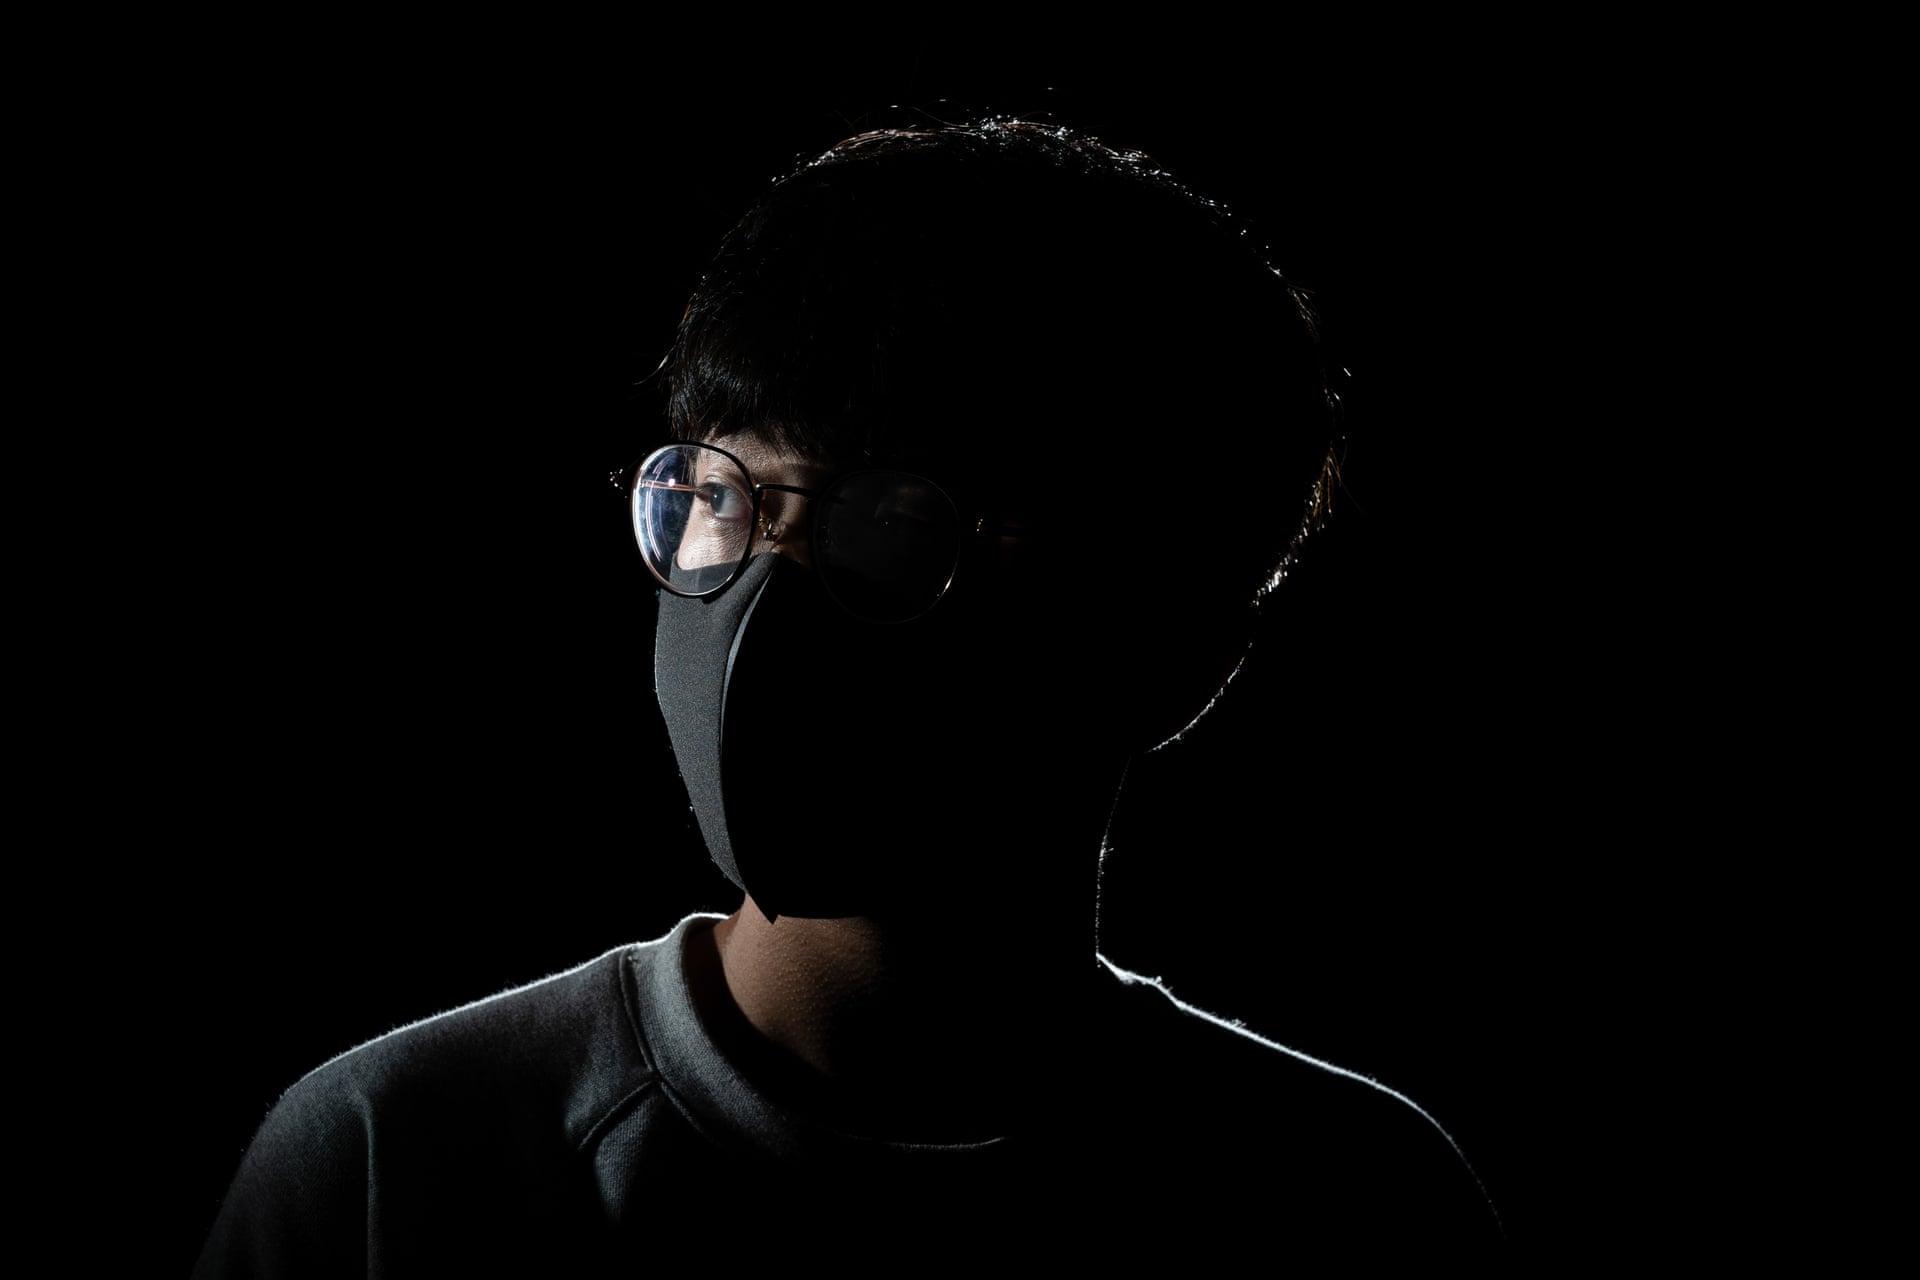 Победитель вкатегории «Документальная фотография» (Documentary) — Чан Минь Ко / Chung Ming Ko (Гонконг) засерию «Раны Гонконга» / Wounds of Hong Kong